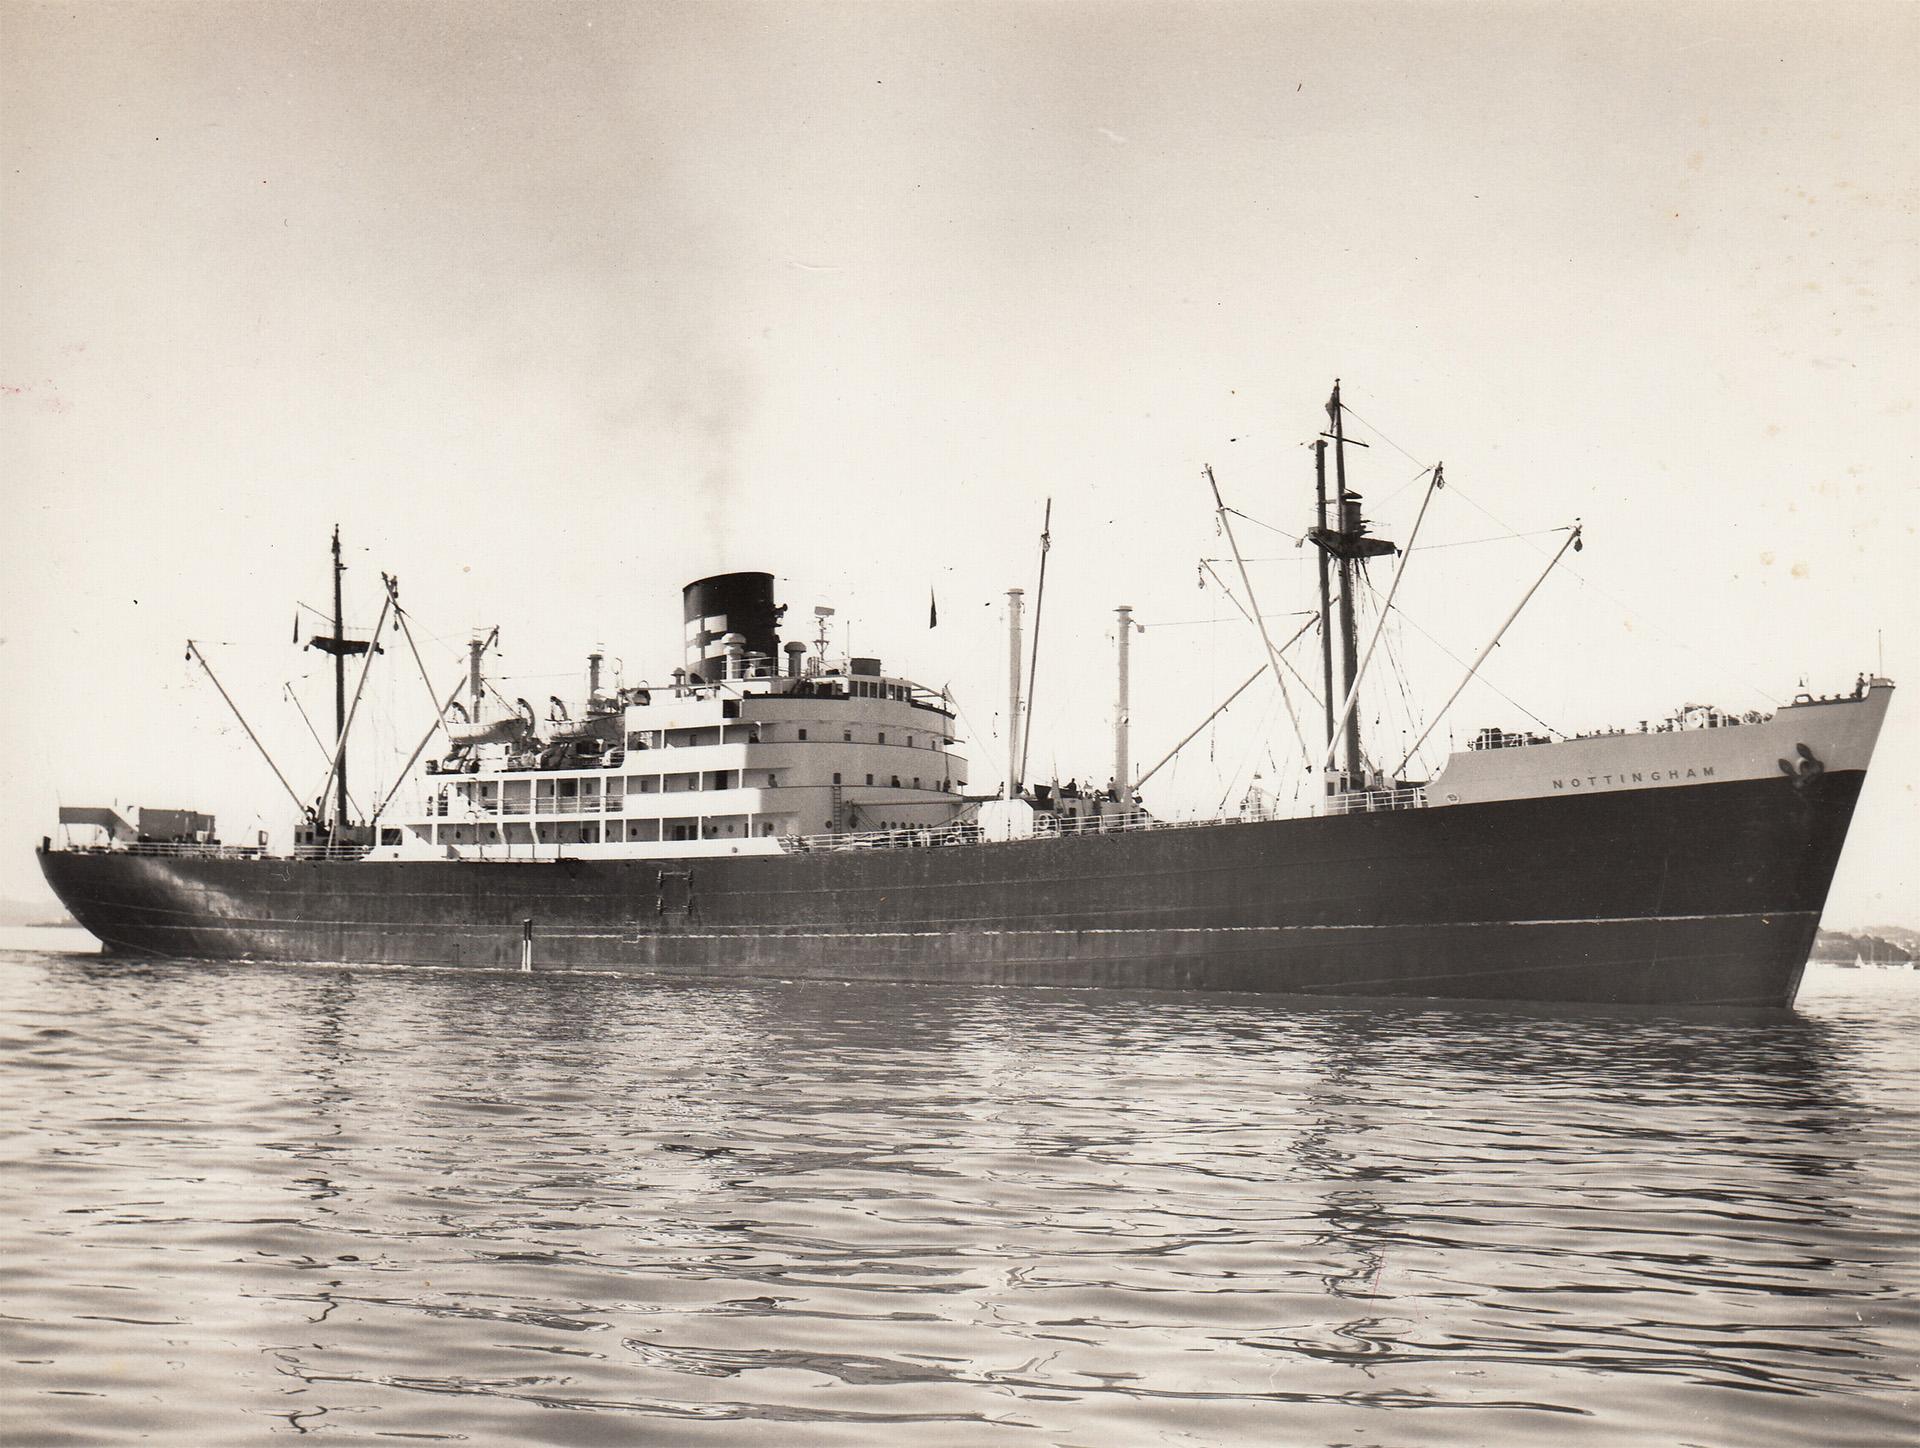 mv Nottingham in harbour